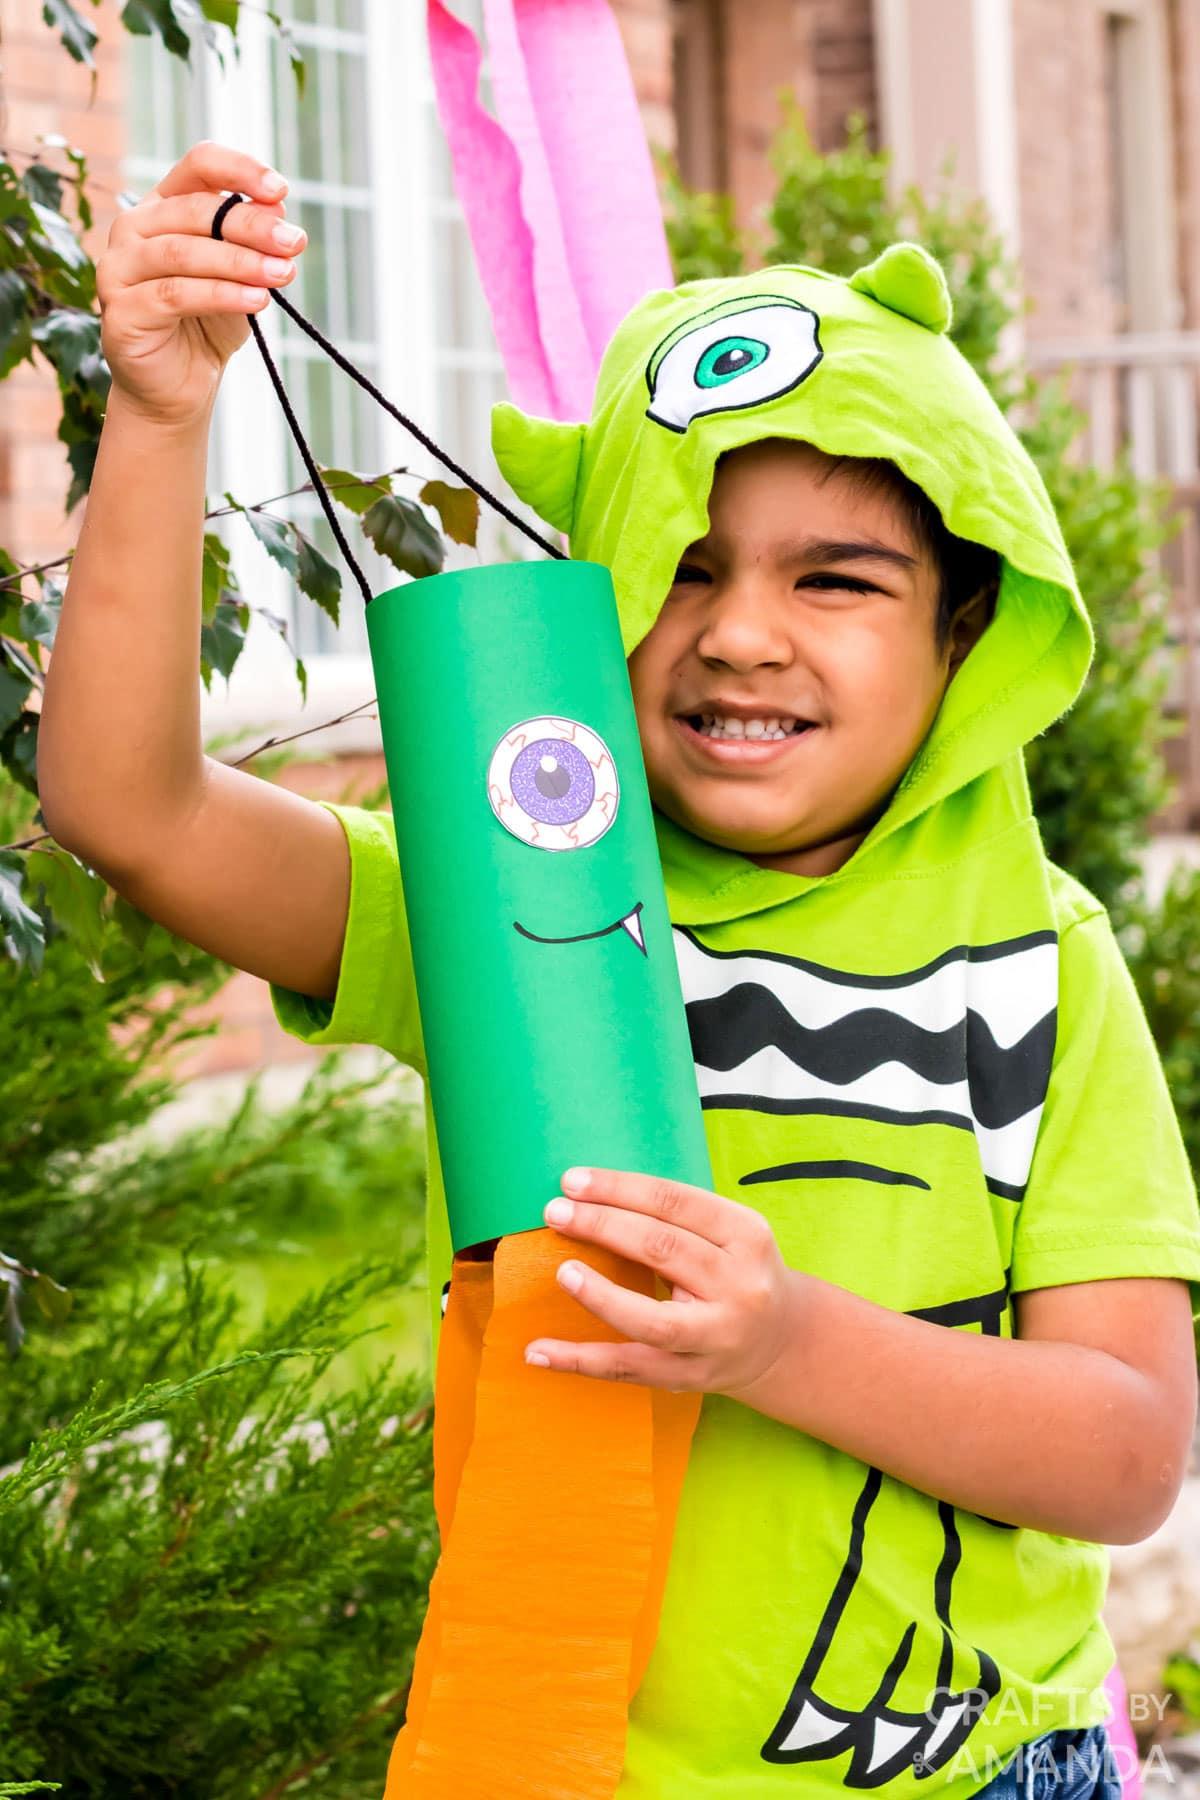 child holding monster windsock